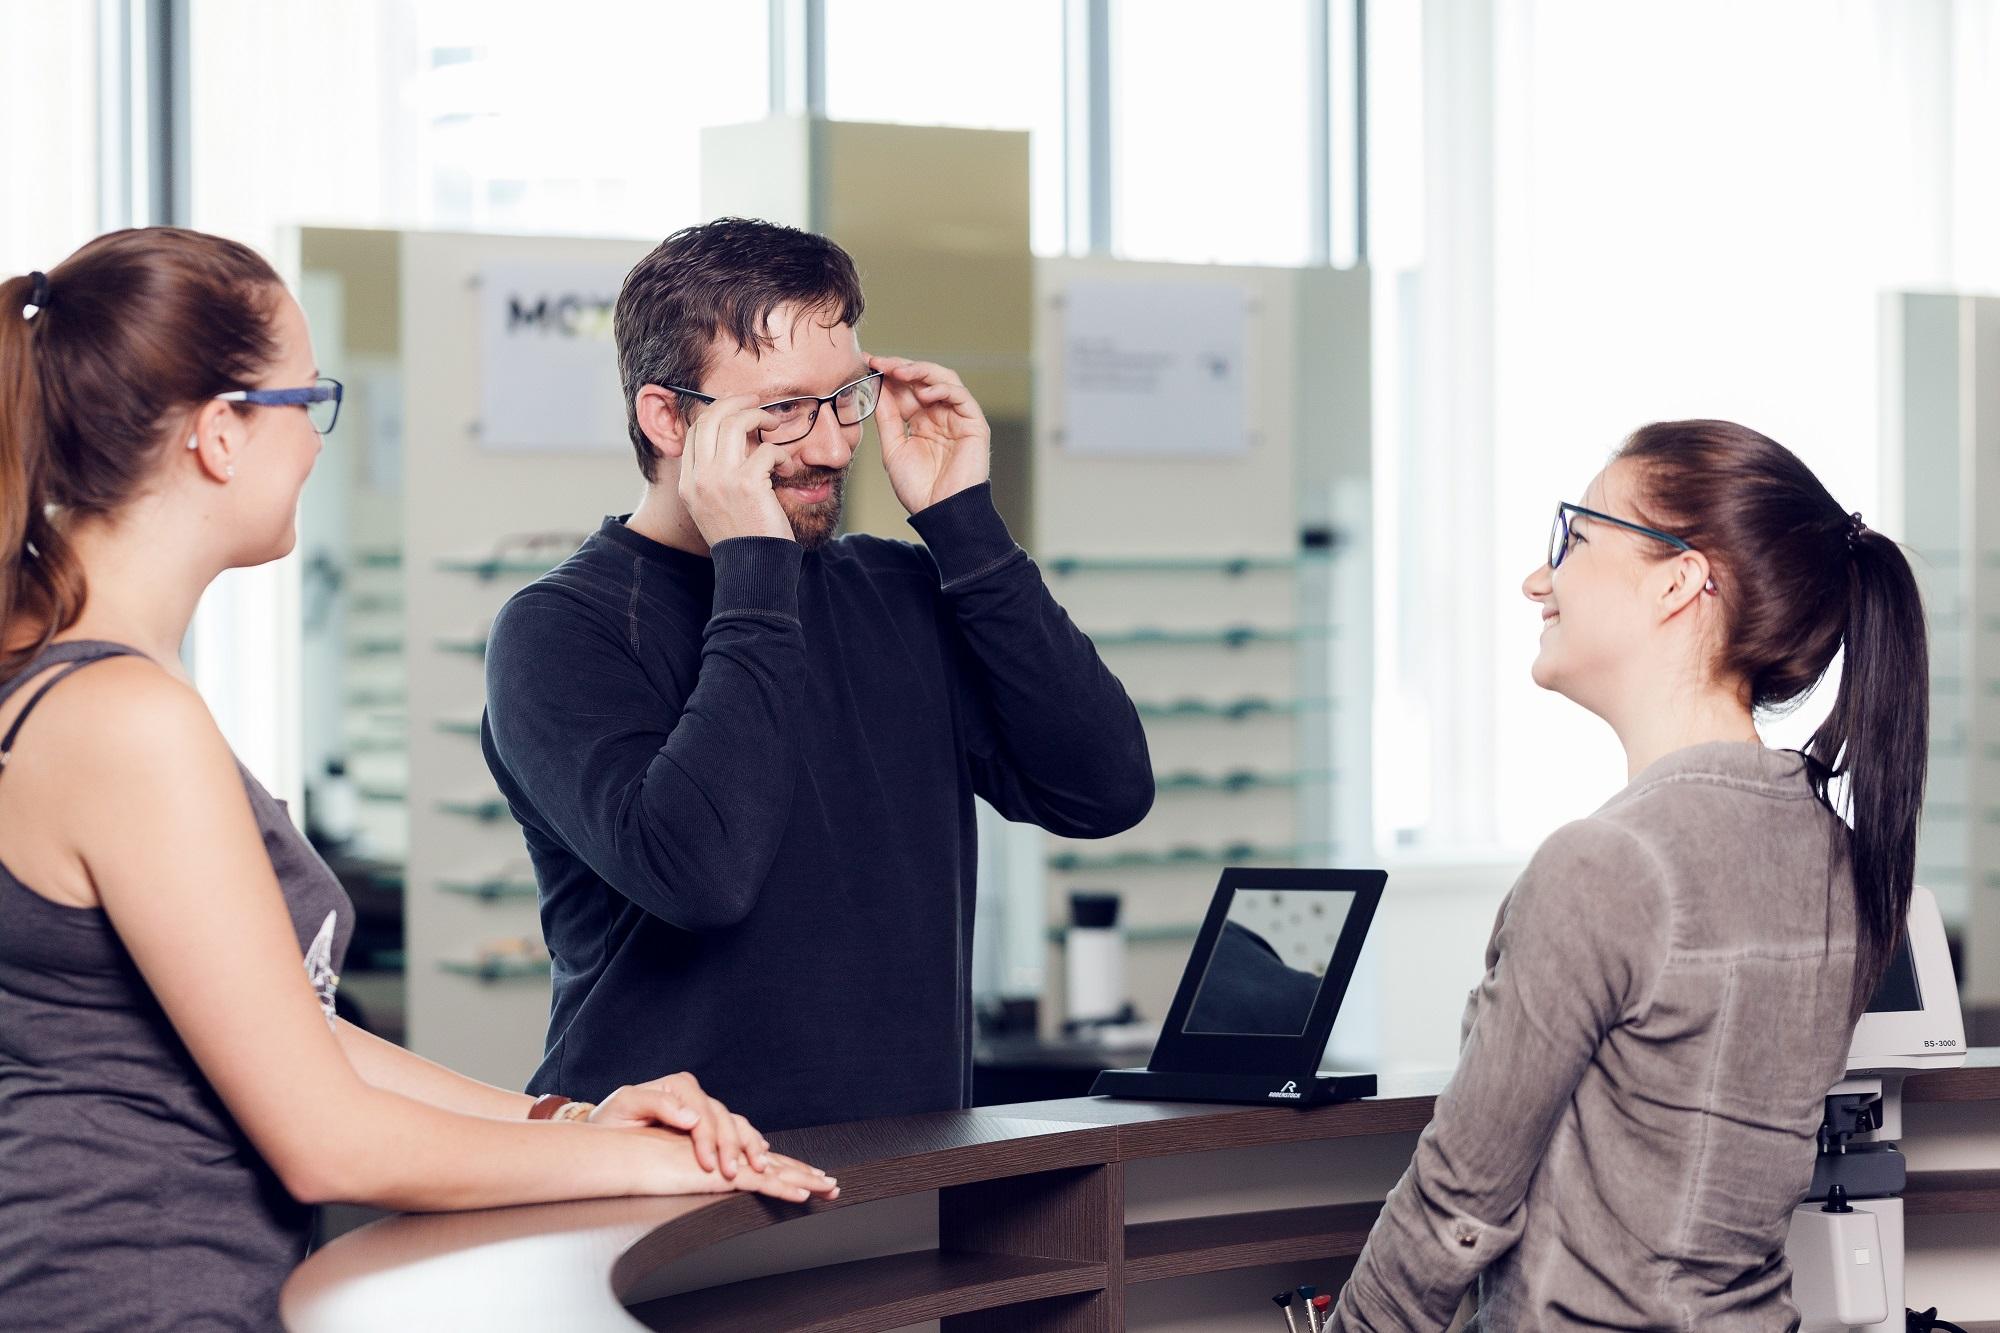 Abgabe einer Brille im Verkaufsraum